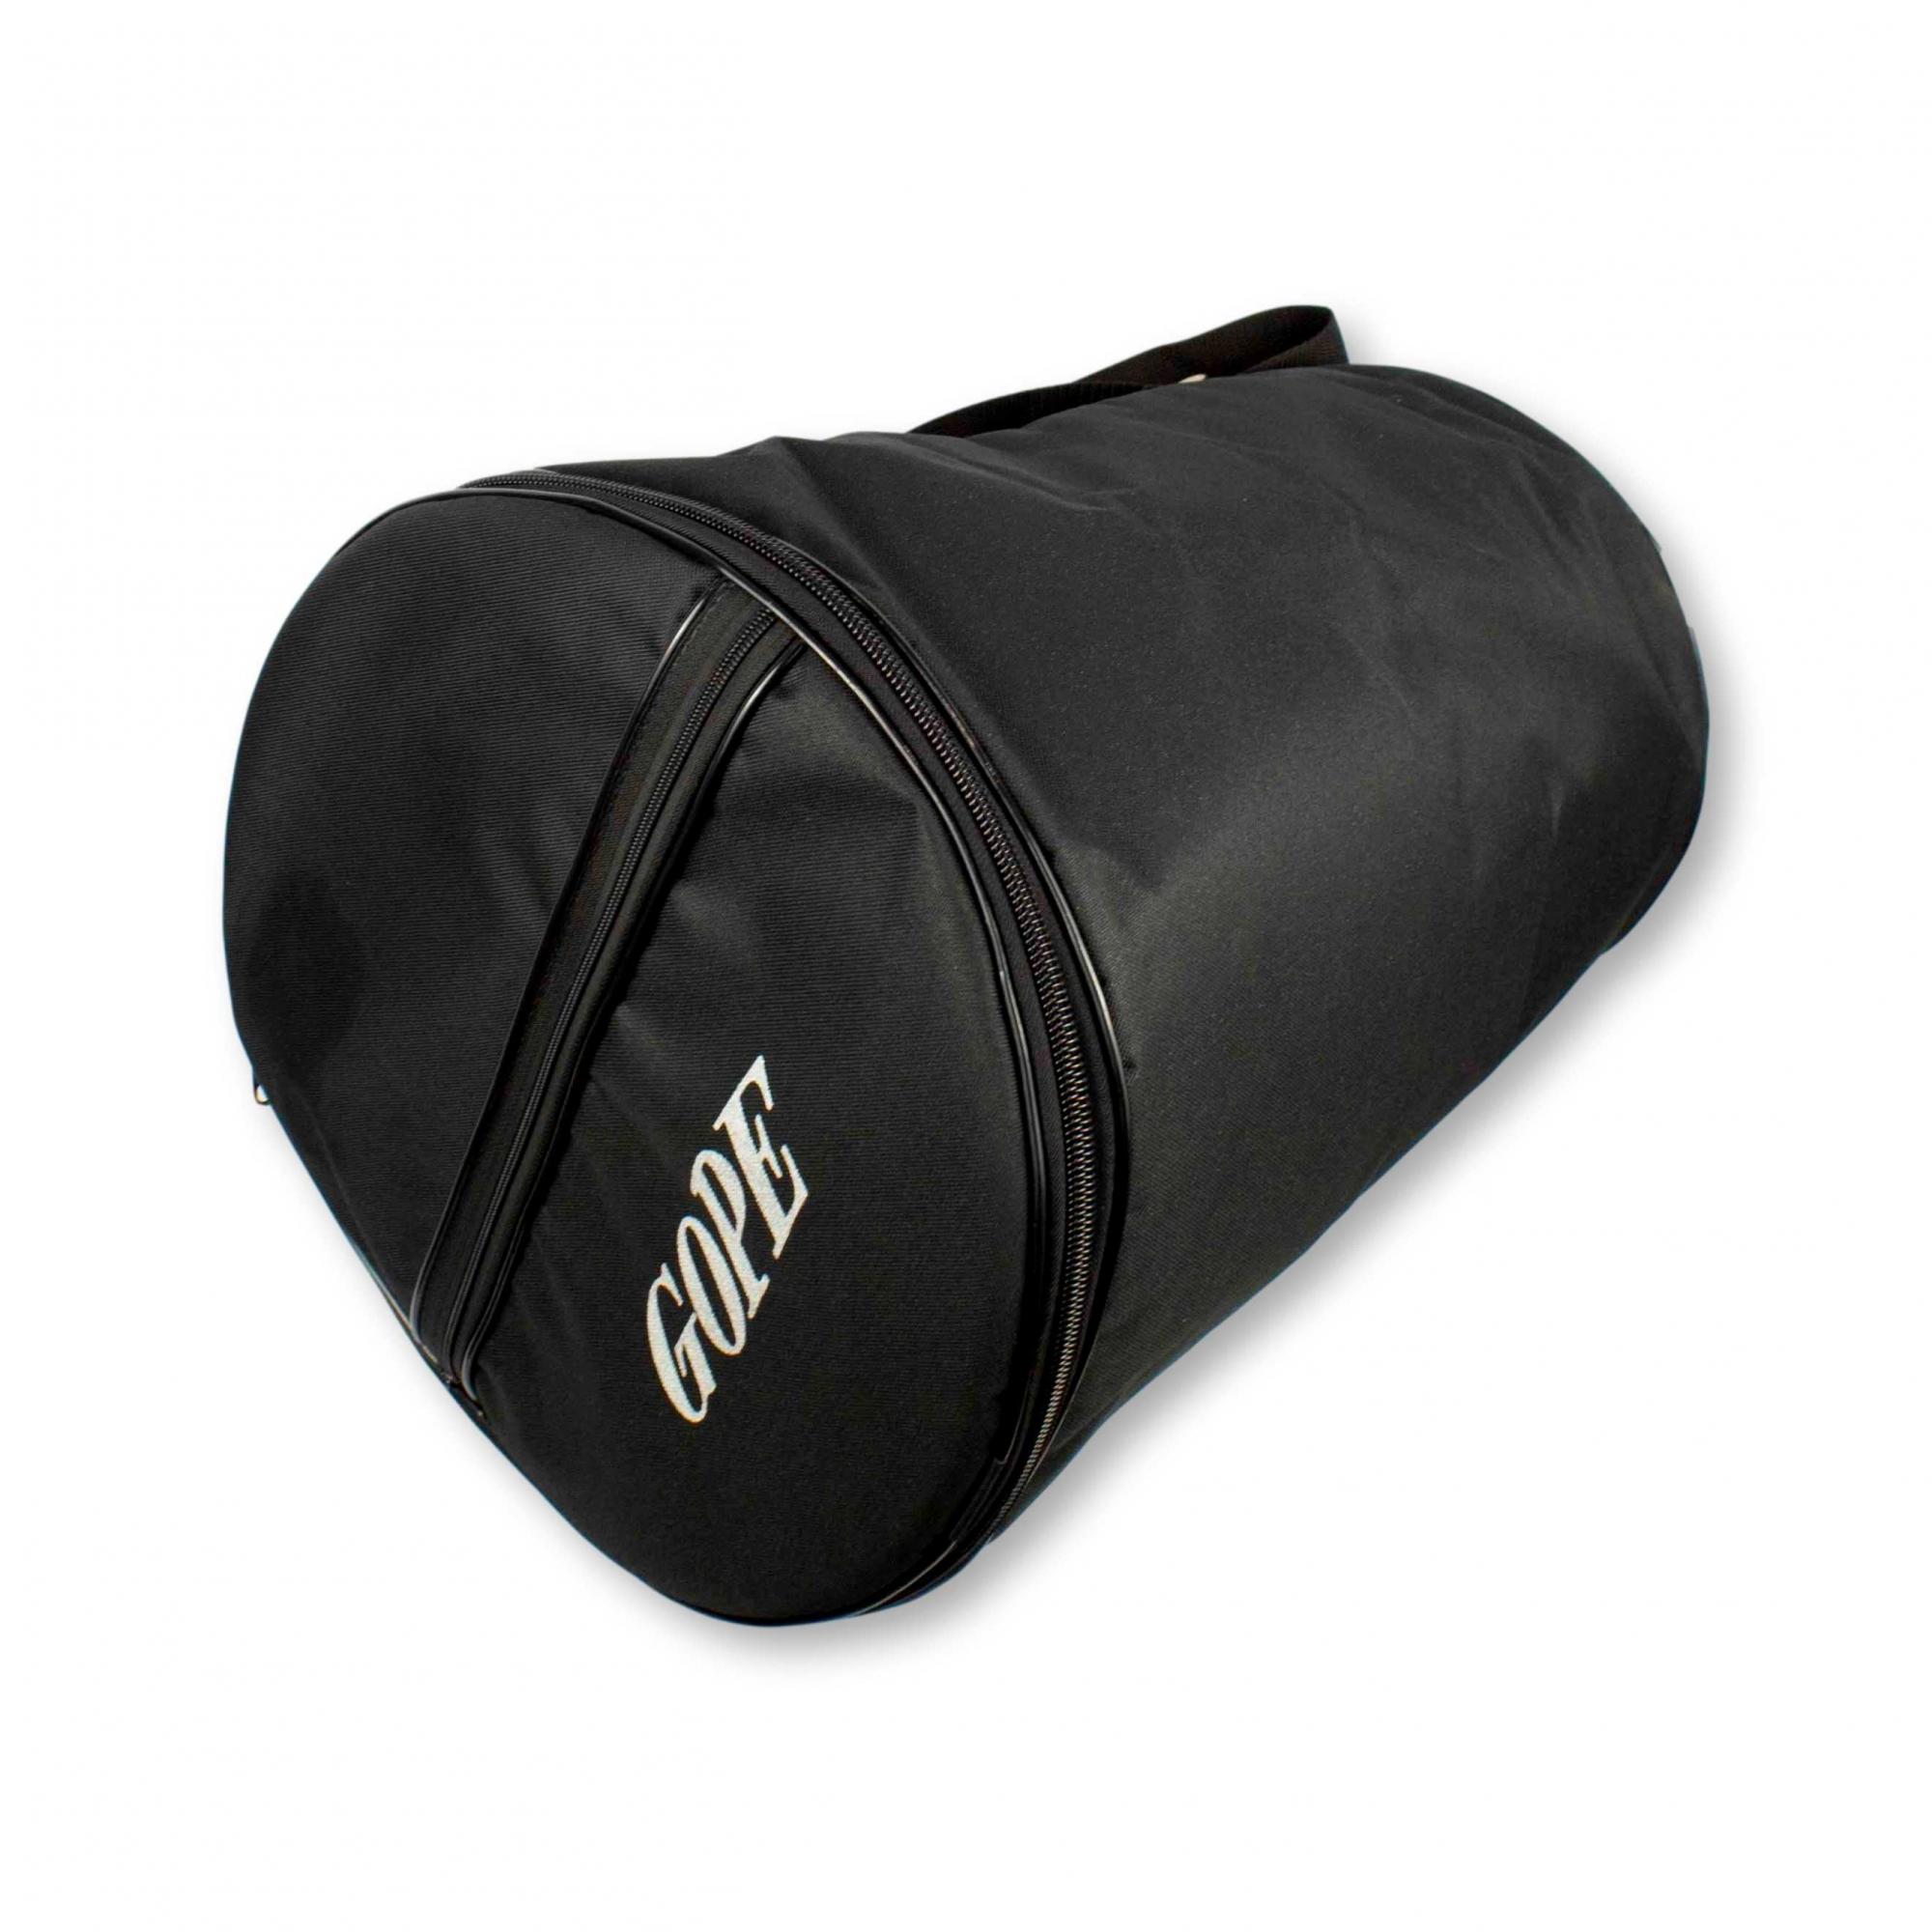 CAPA BAG GOPE PARA REBOLO CONICO 12 POL 45 cm